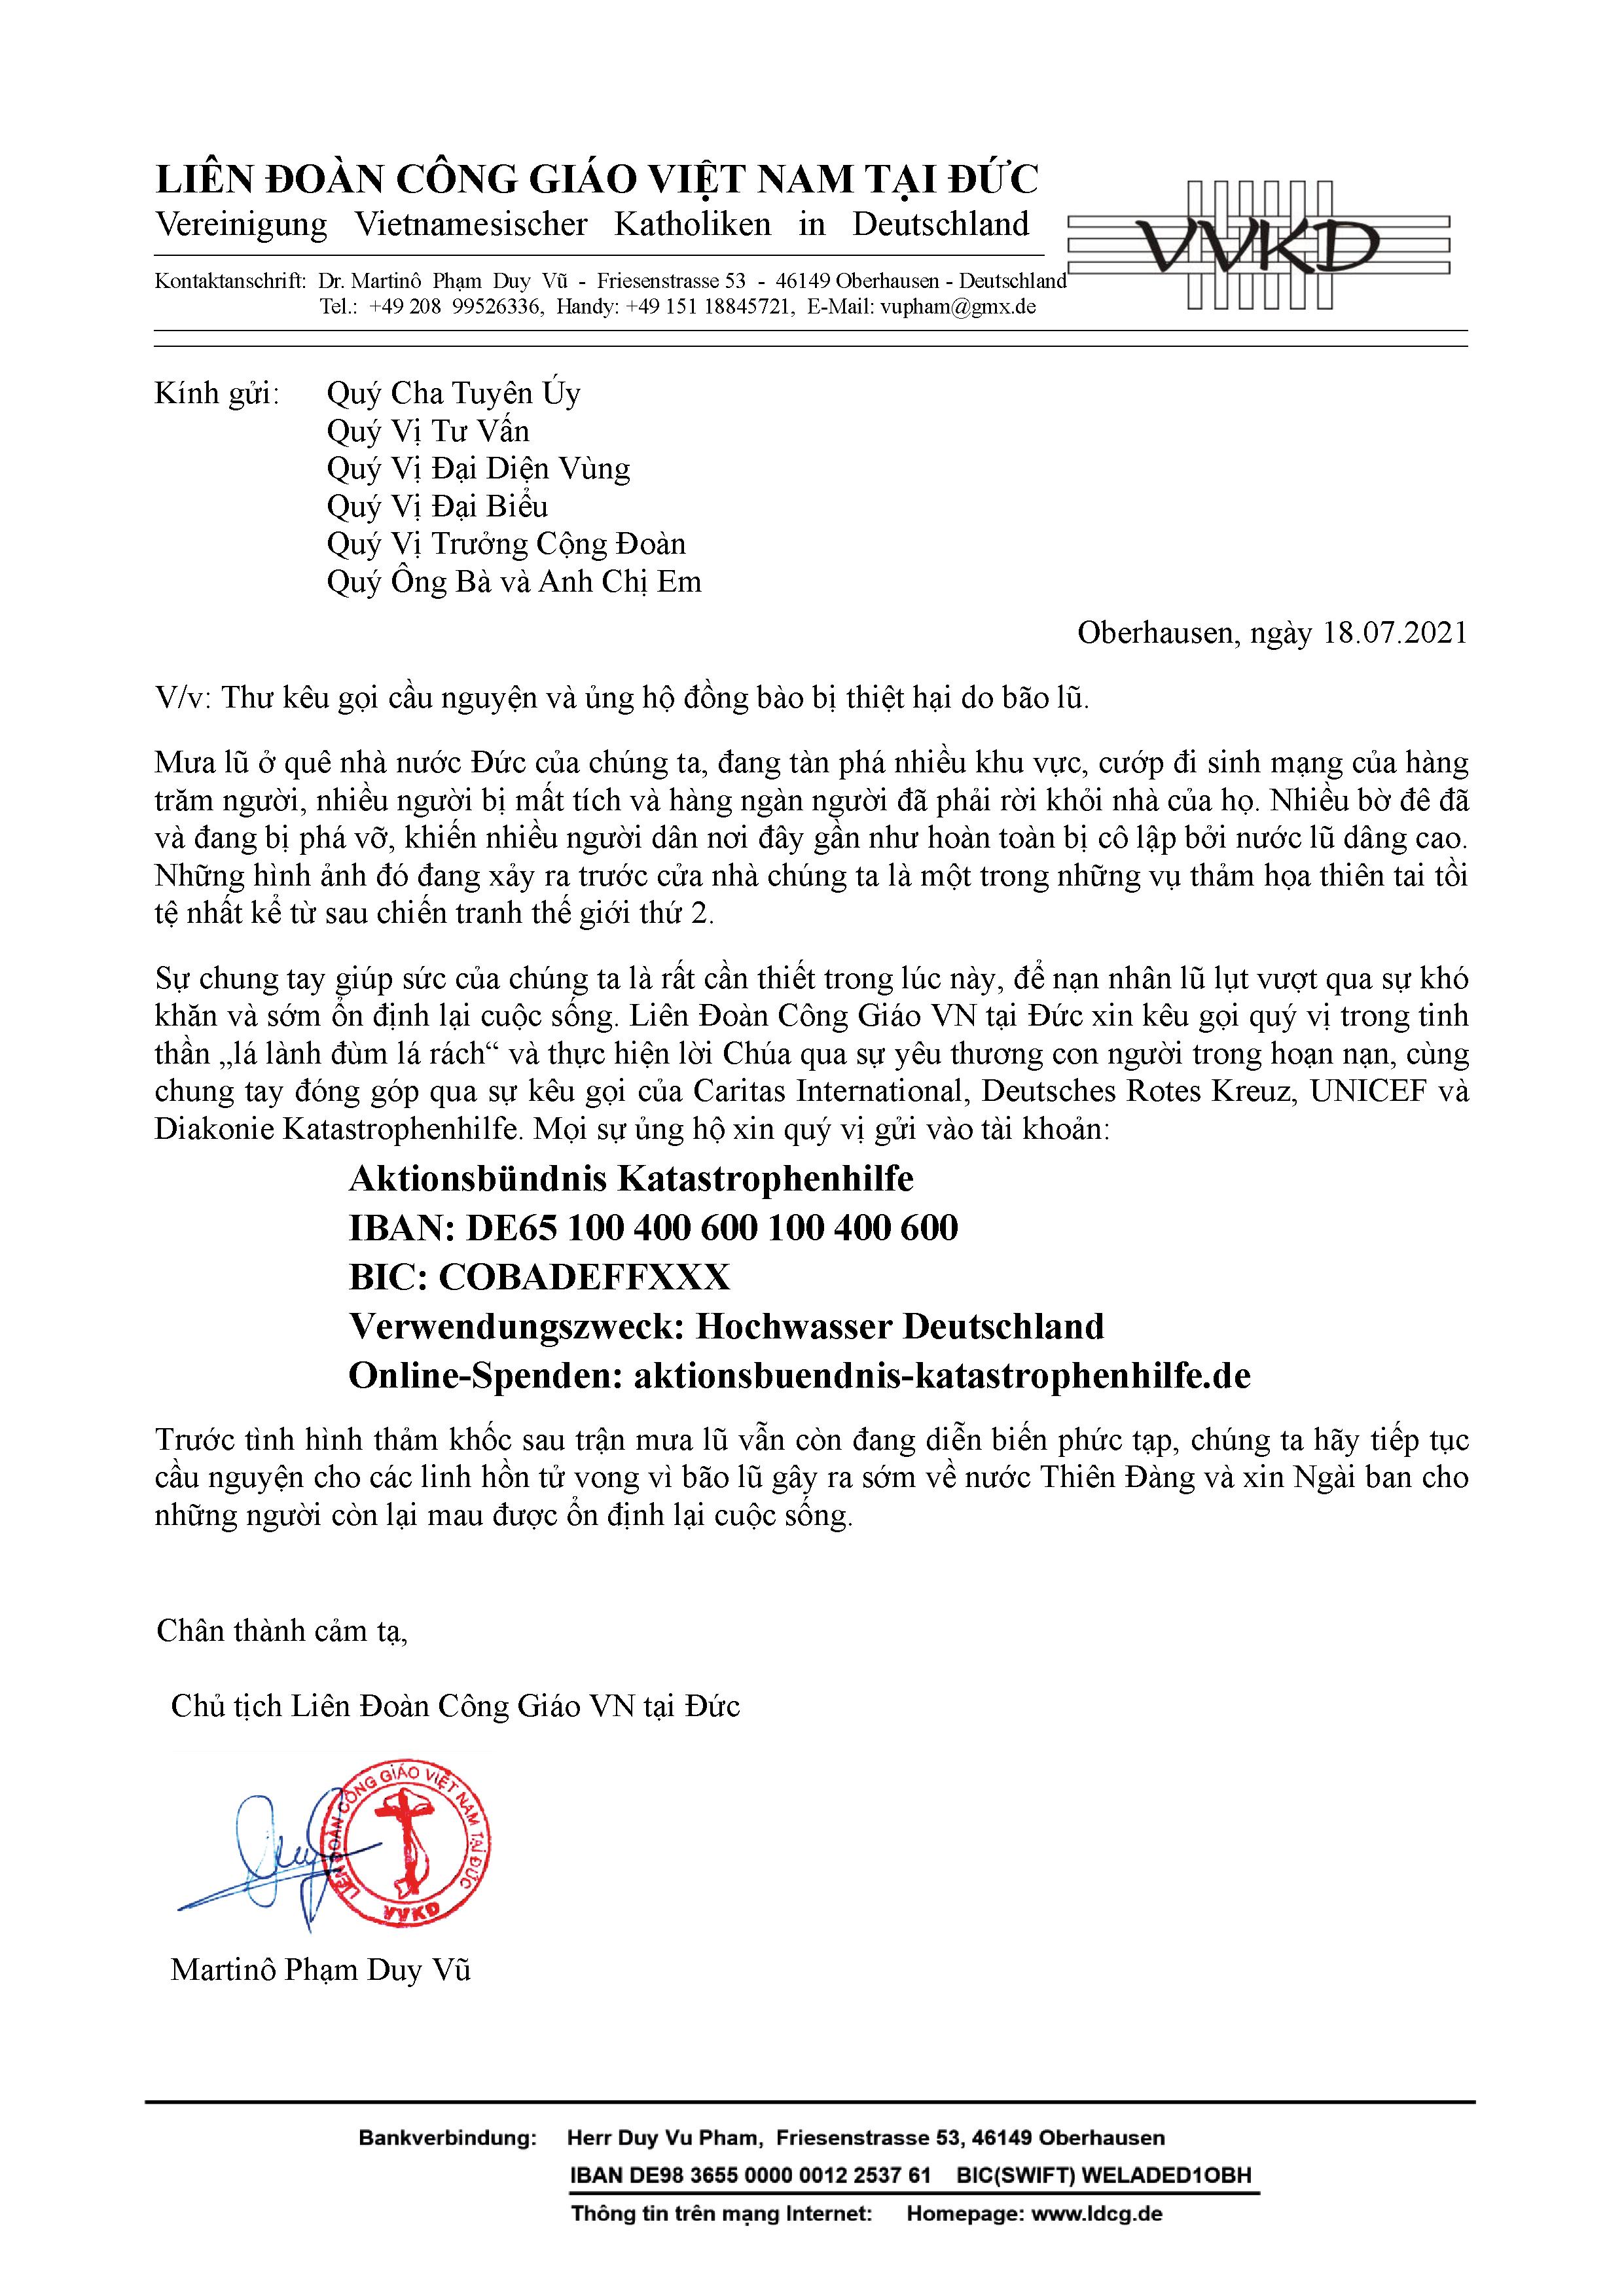 LDCG Hilfsaktion Hochwasser Deutschland